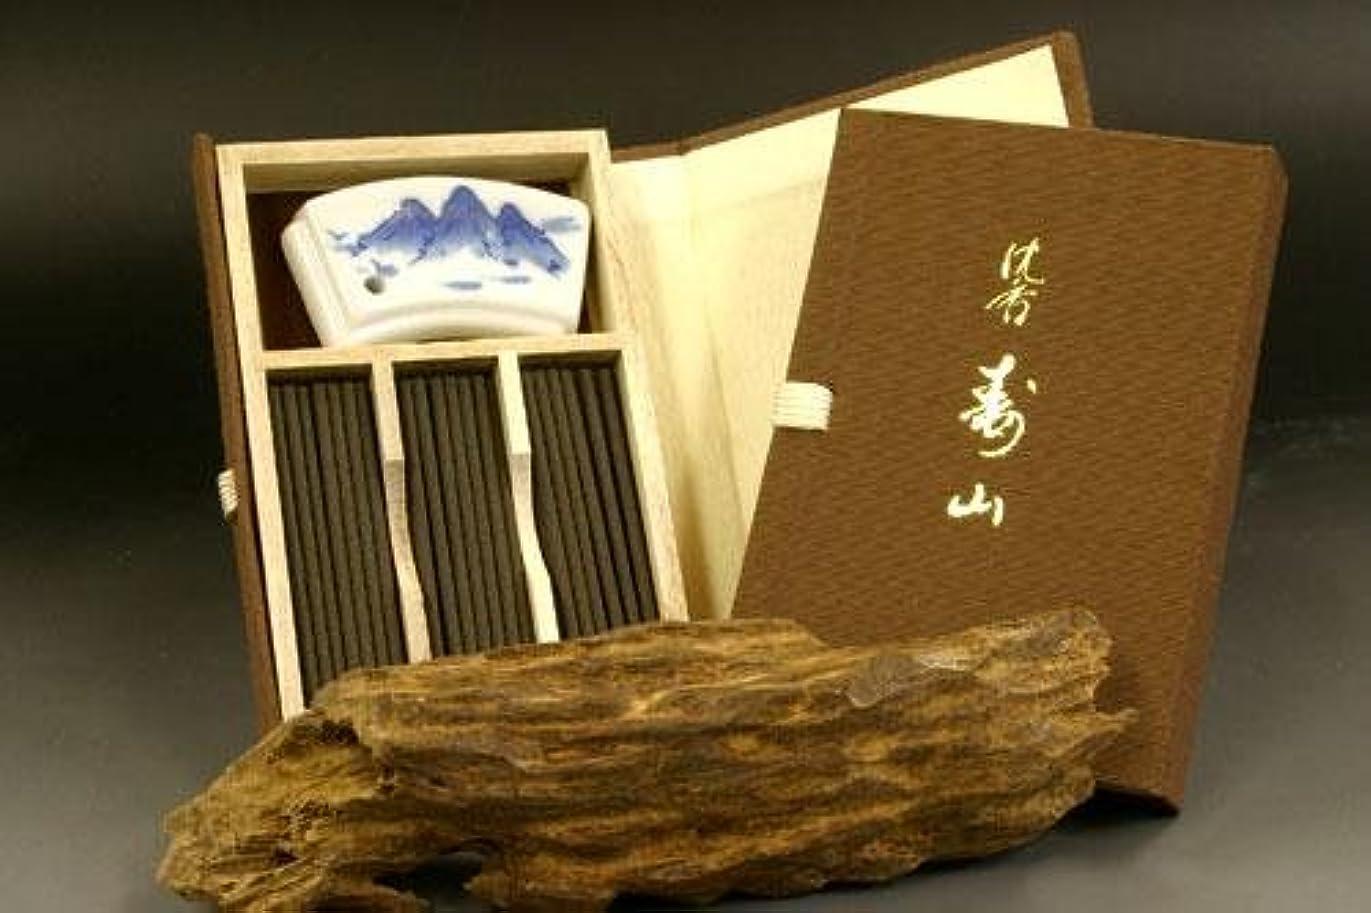 日本香堂のお香 沈香寿山 スティック ミニ寸 文庫型60本入り